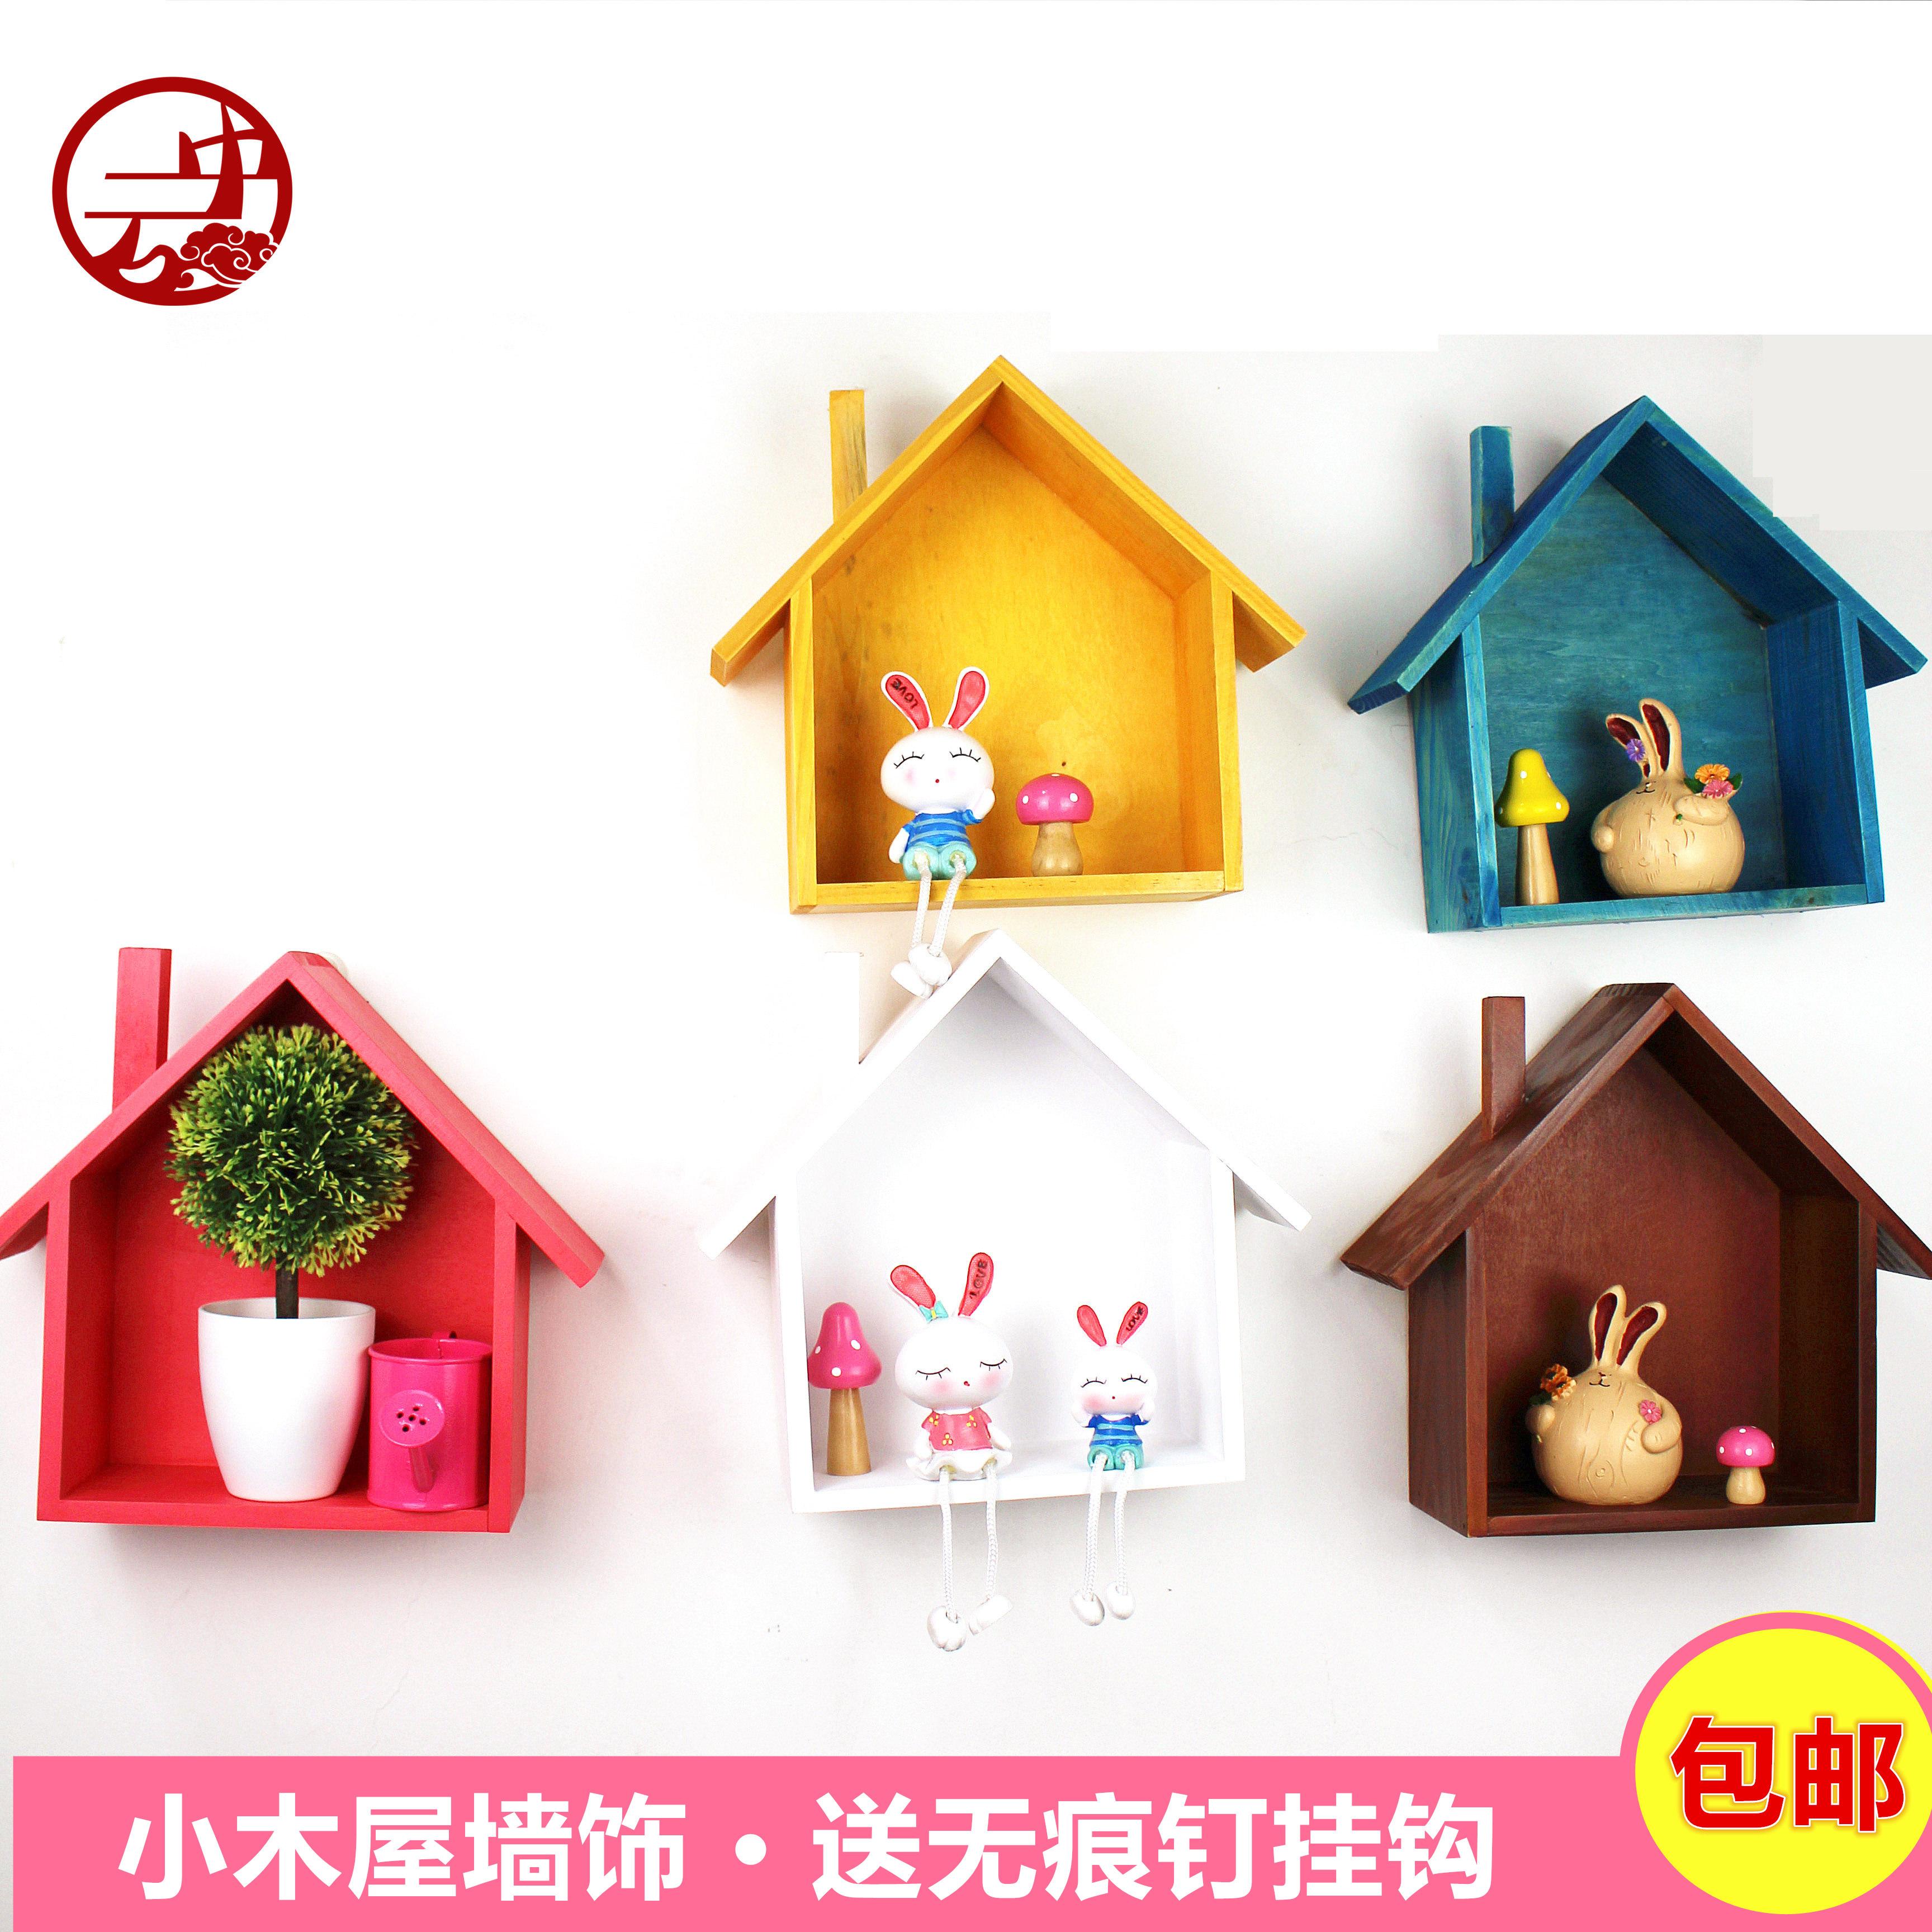 家居装饰房间的小饰品卧室客厅墙面墙壁挂饰小房子置物架创意格子